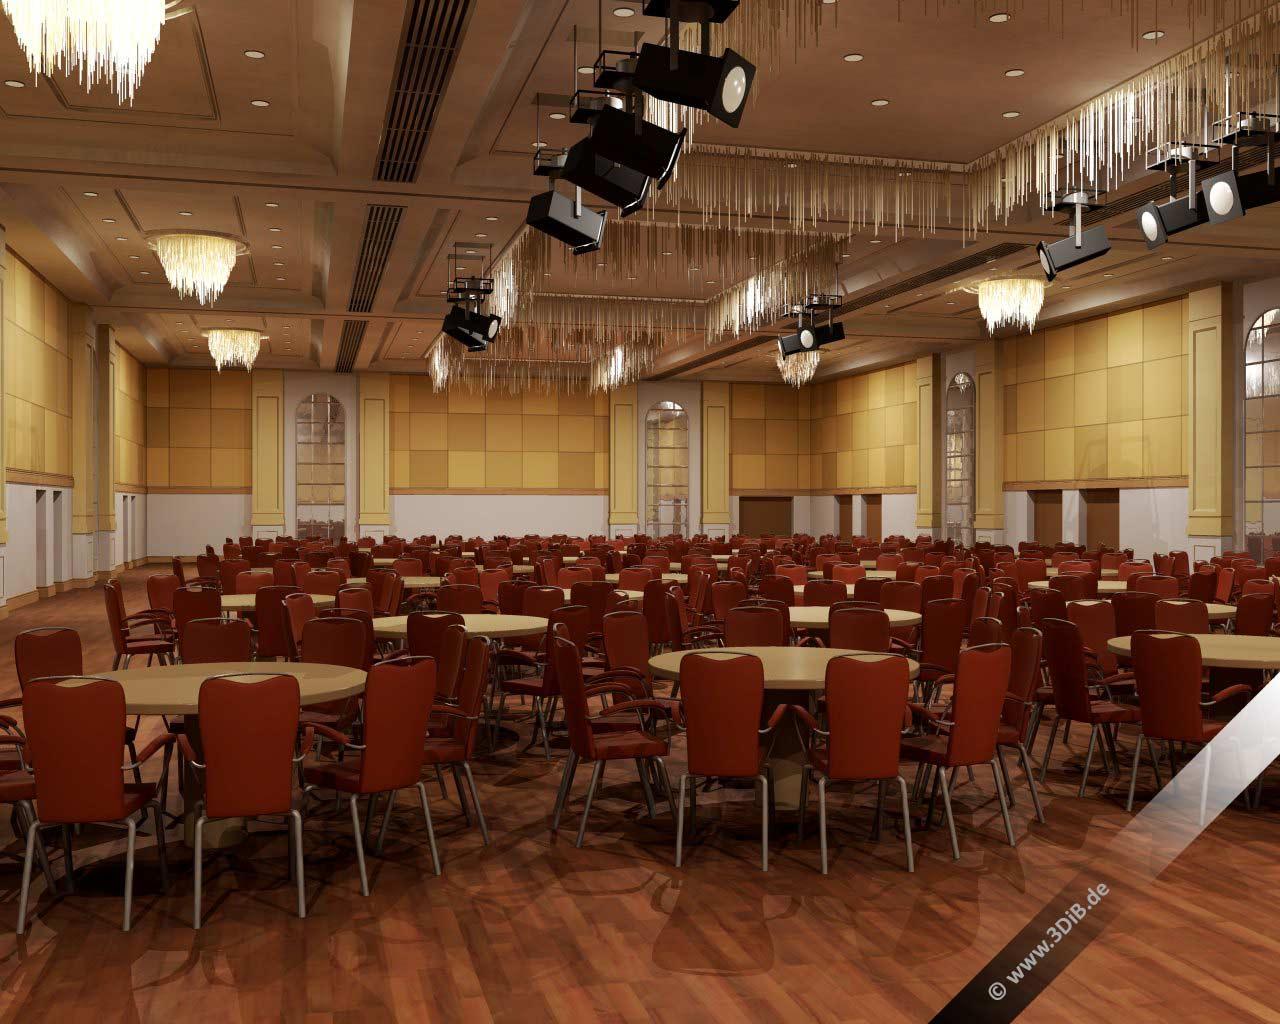 Eventvisualisierung-Hilton-tageslichtsituation-konferenzsaal